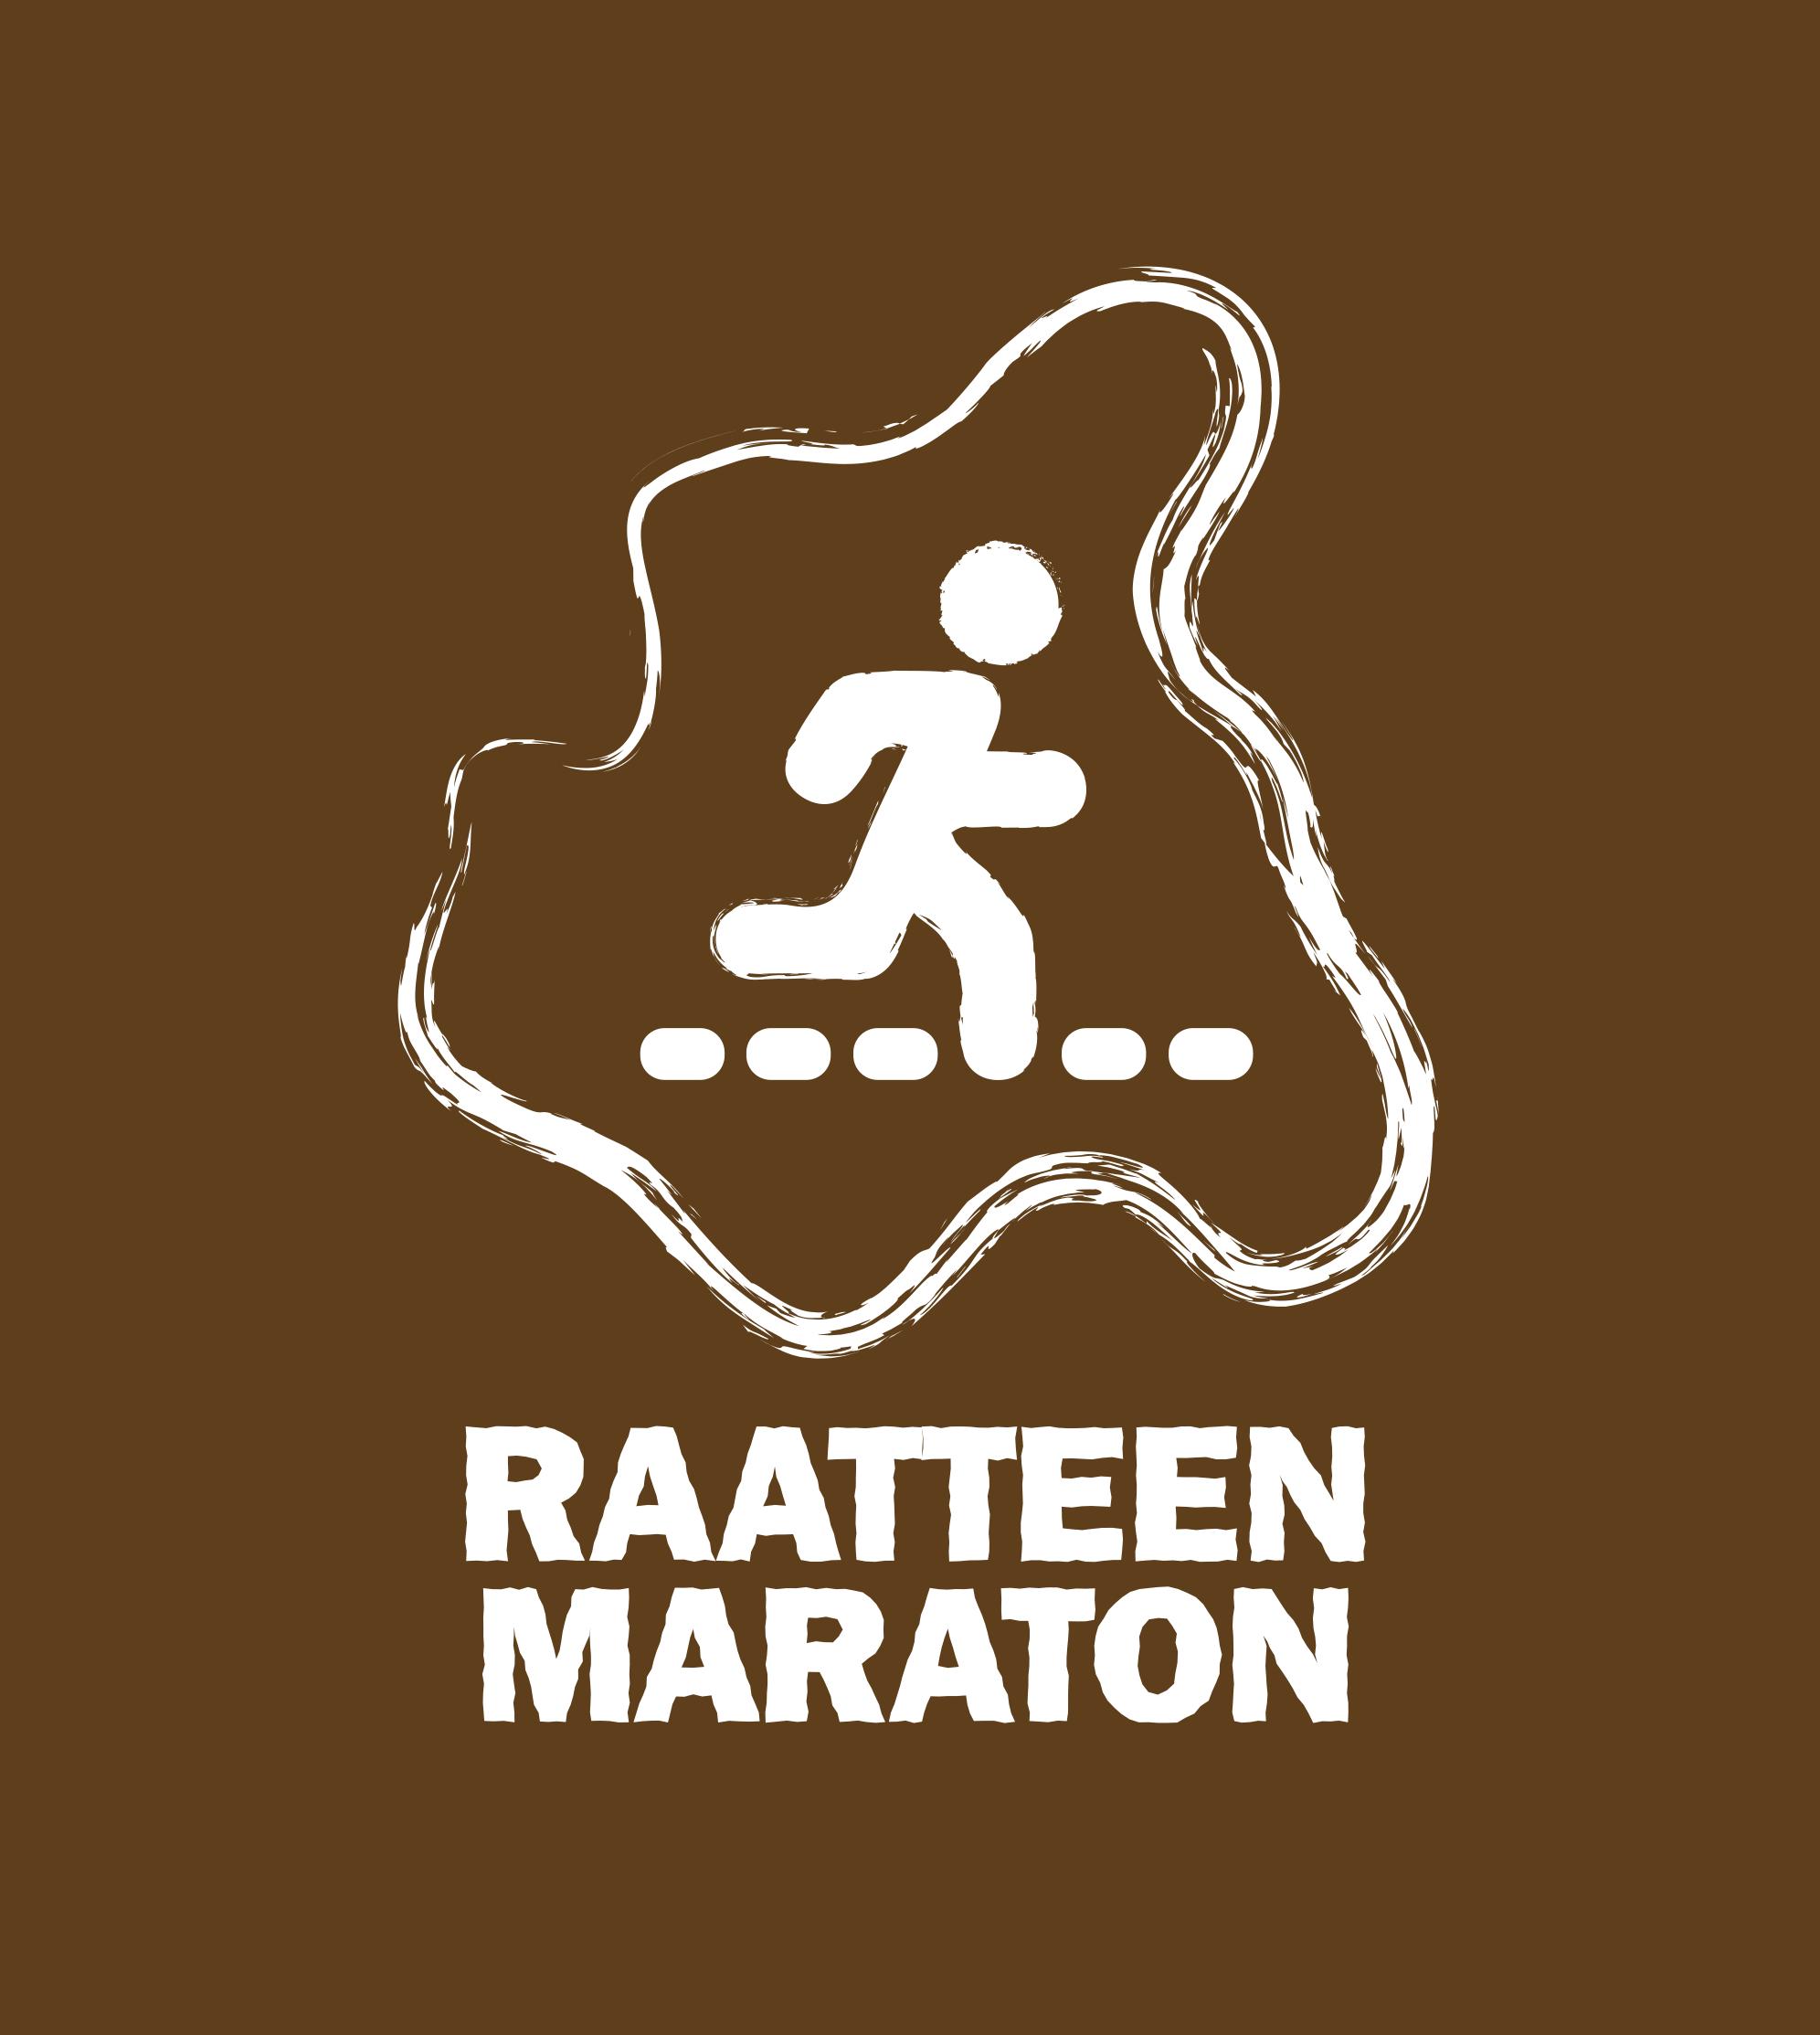 Raatteen Maraton